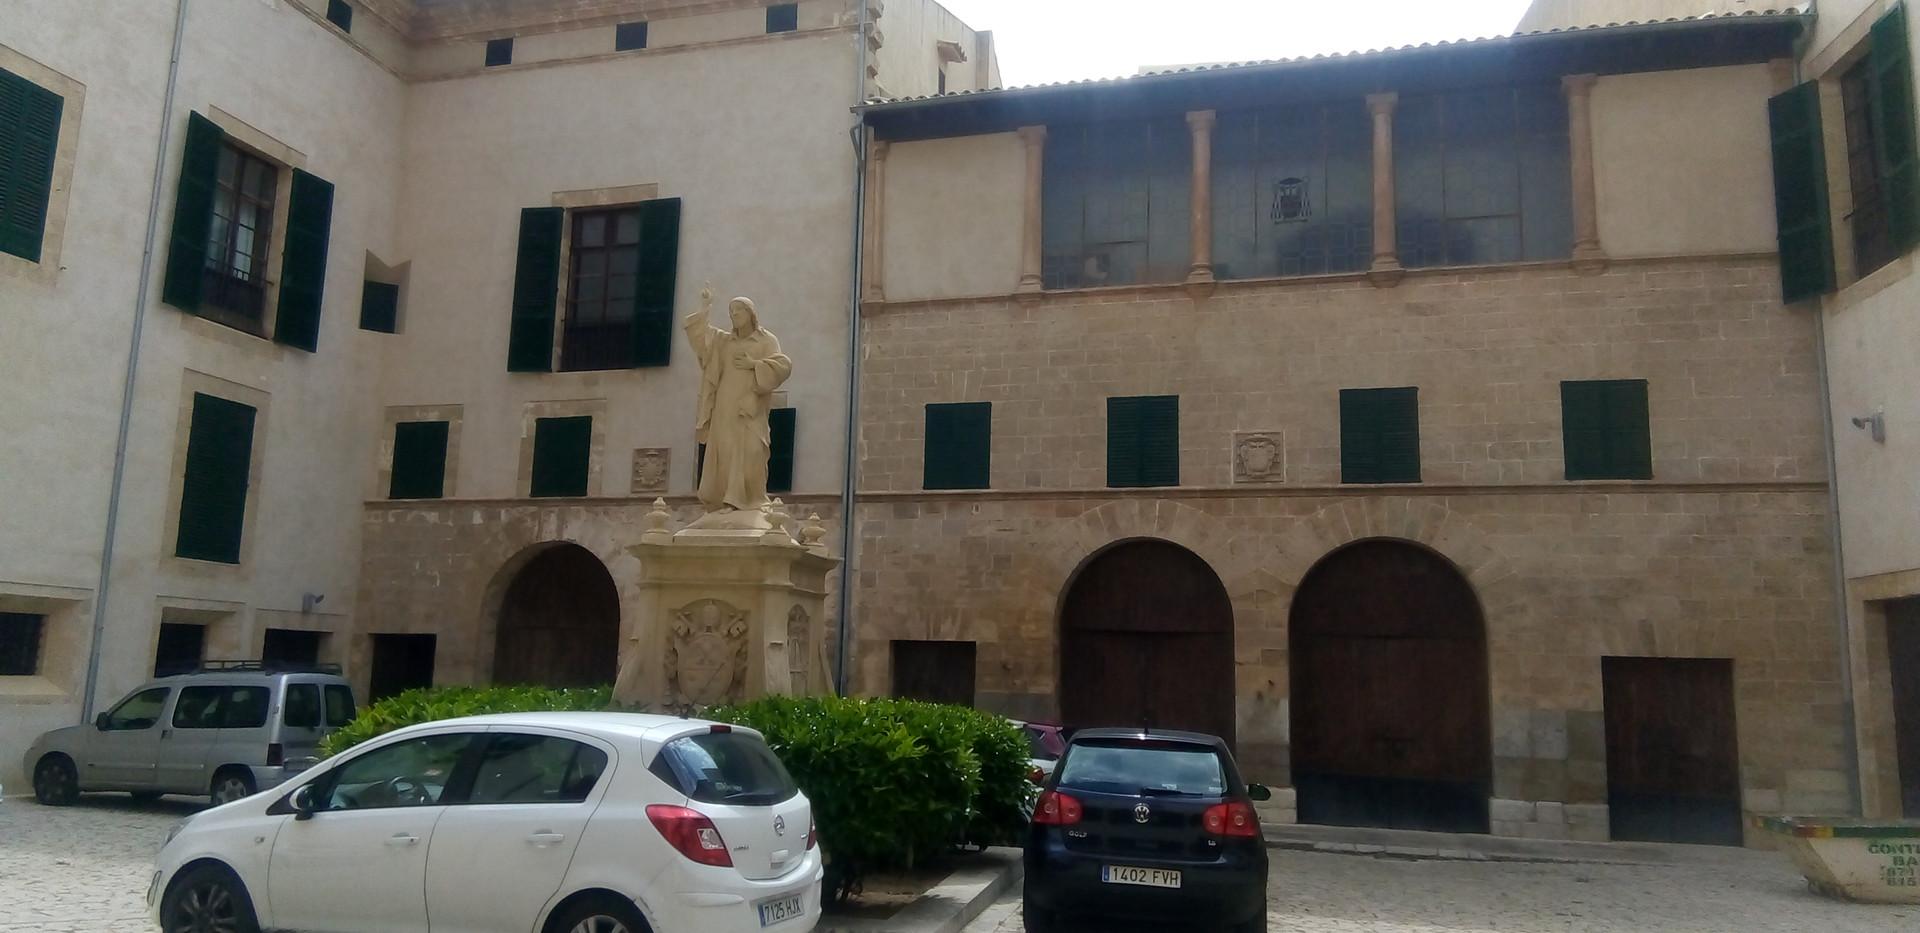 Courtyard to Church